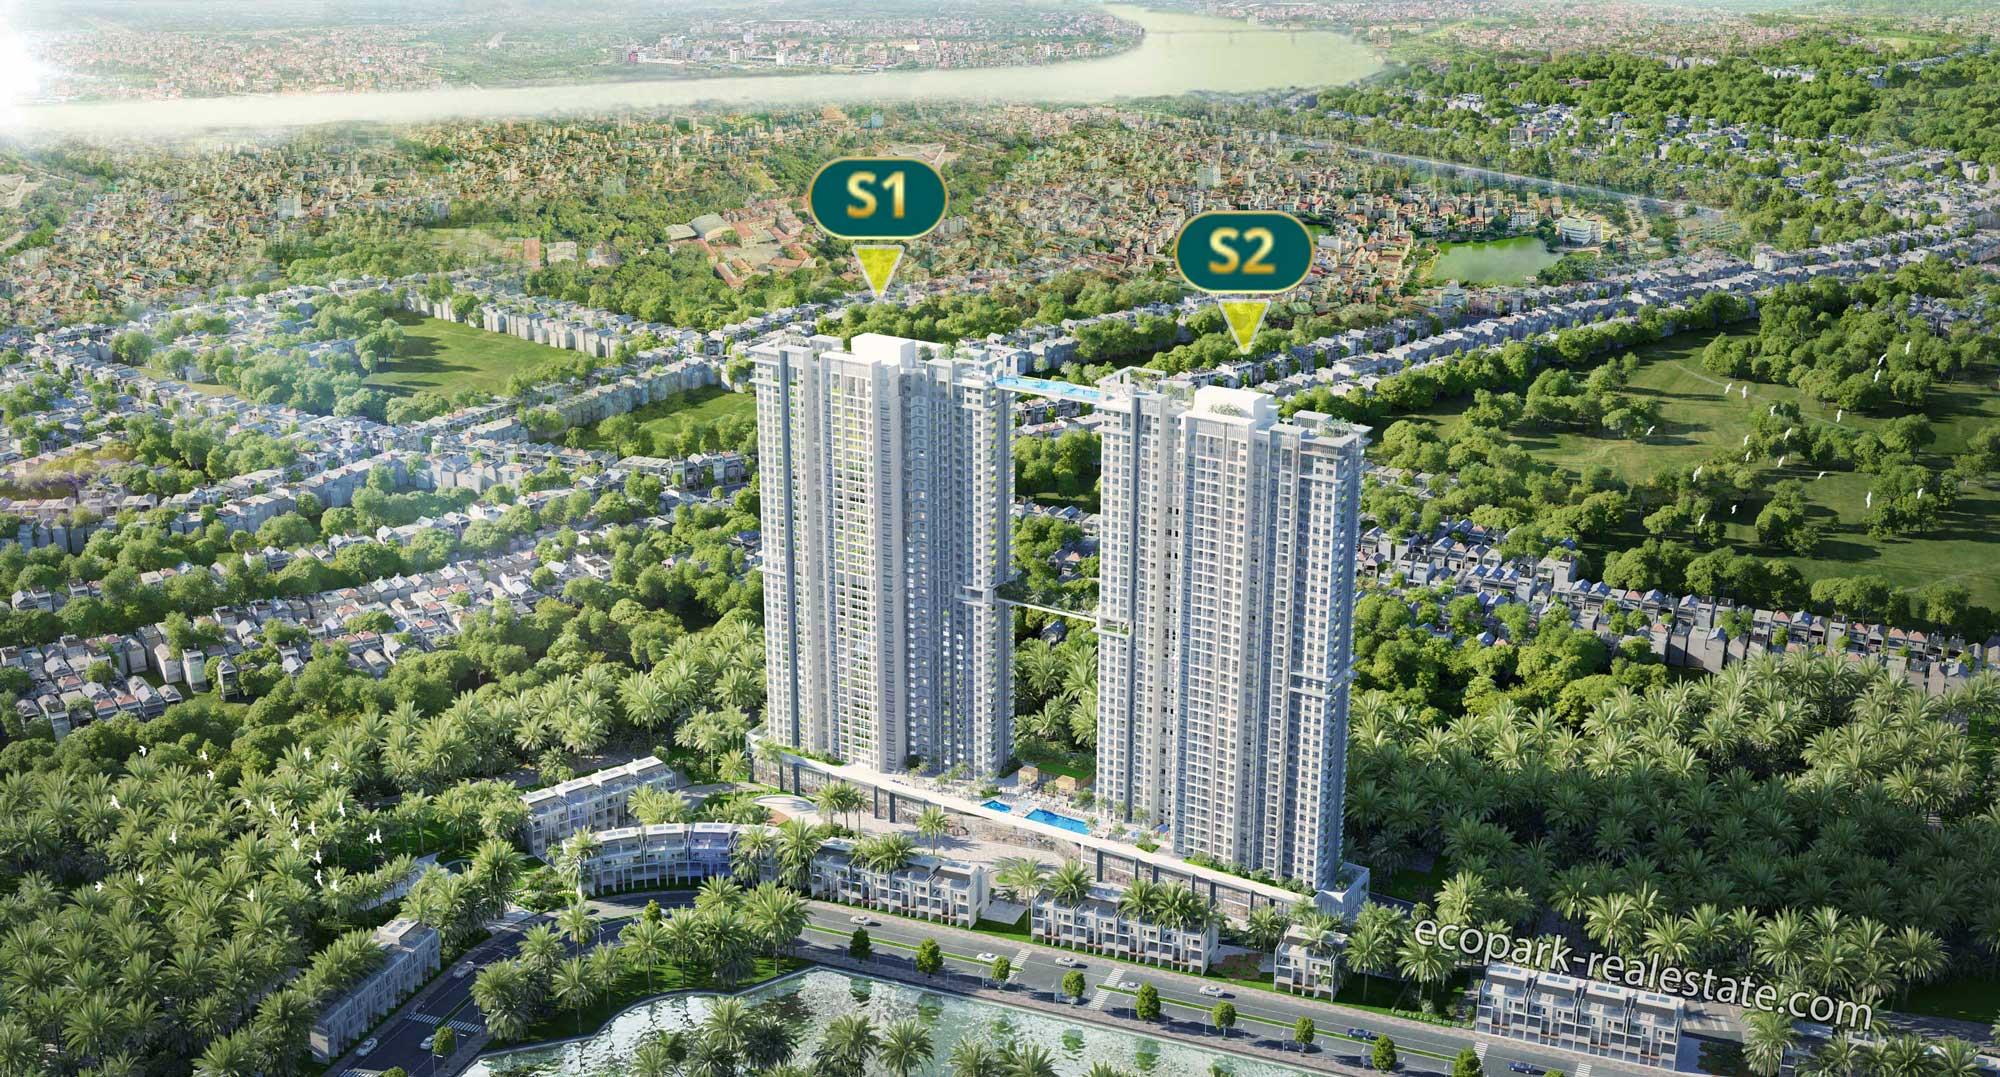 Phối cảnh tòa S1 và S2 Chung cư Sky Oasis - Ecopark